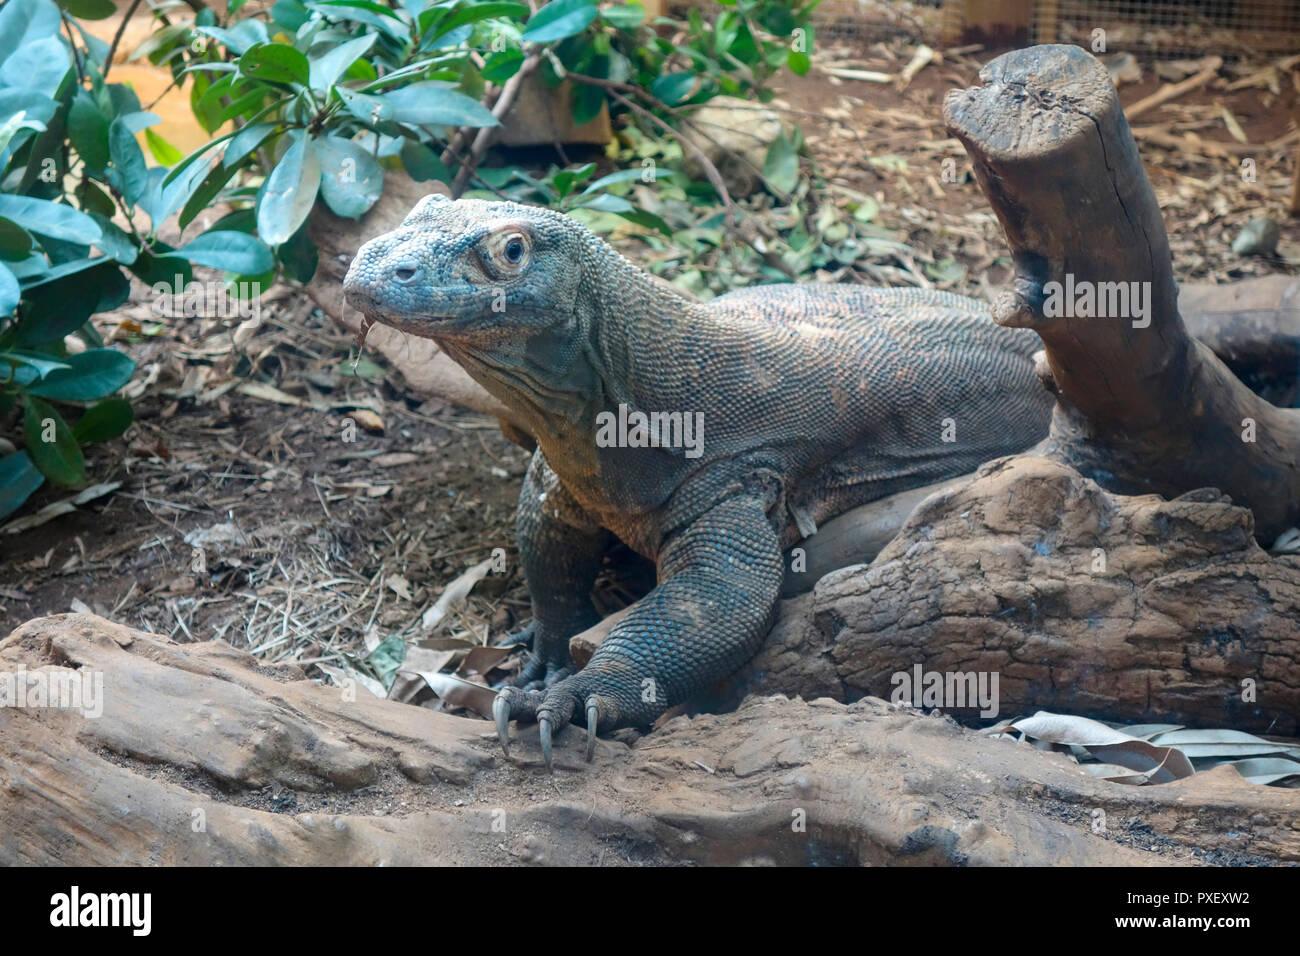 Ein Komodowaran im ZSL London Zoo Stockfoto, Bild: 222833886